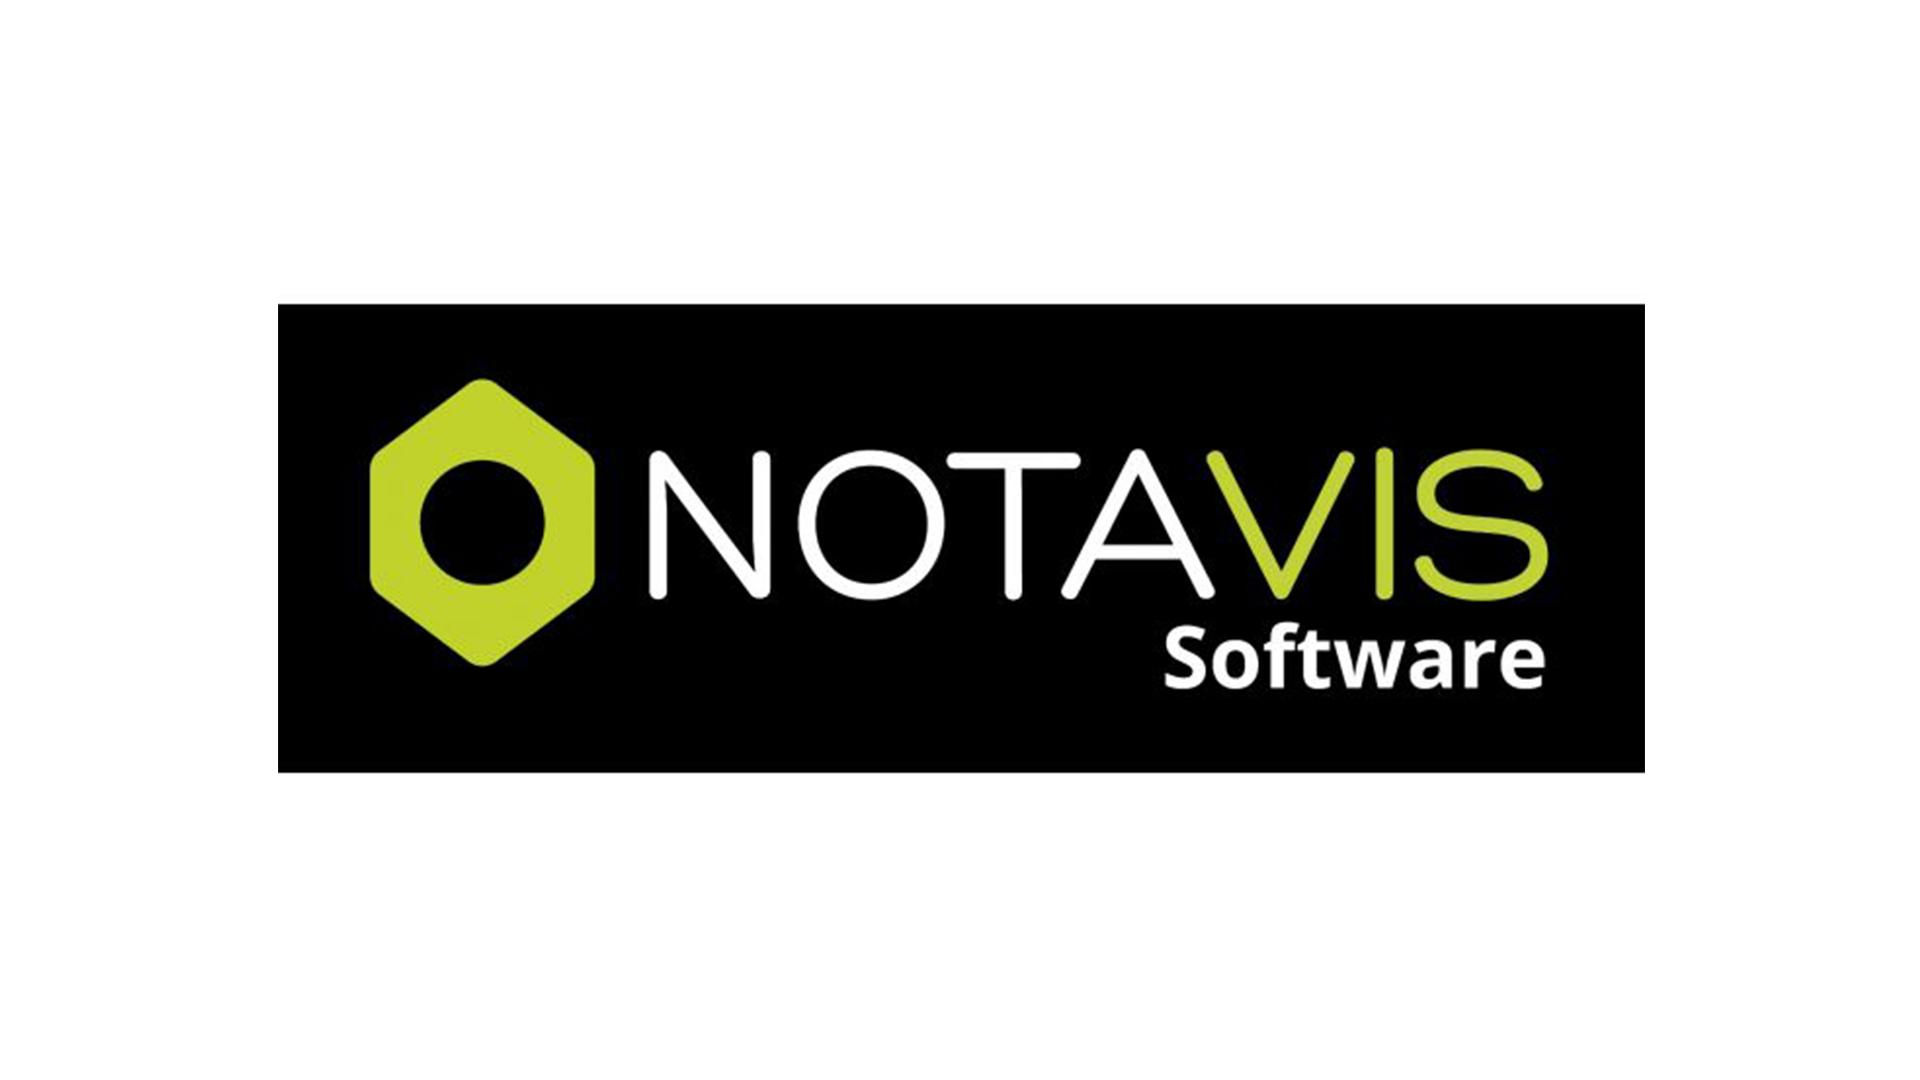 NOTAVIS Software